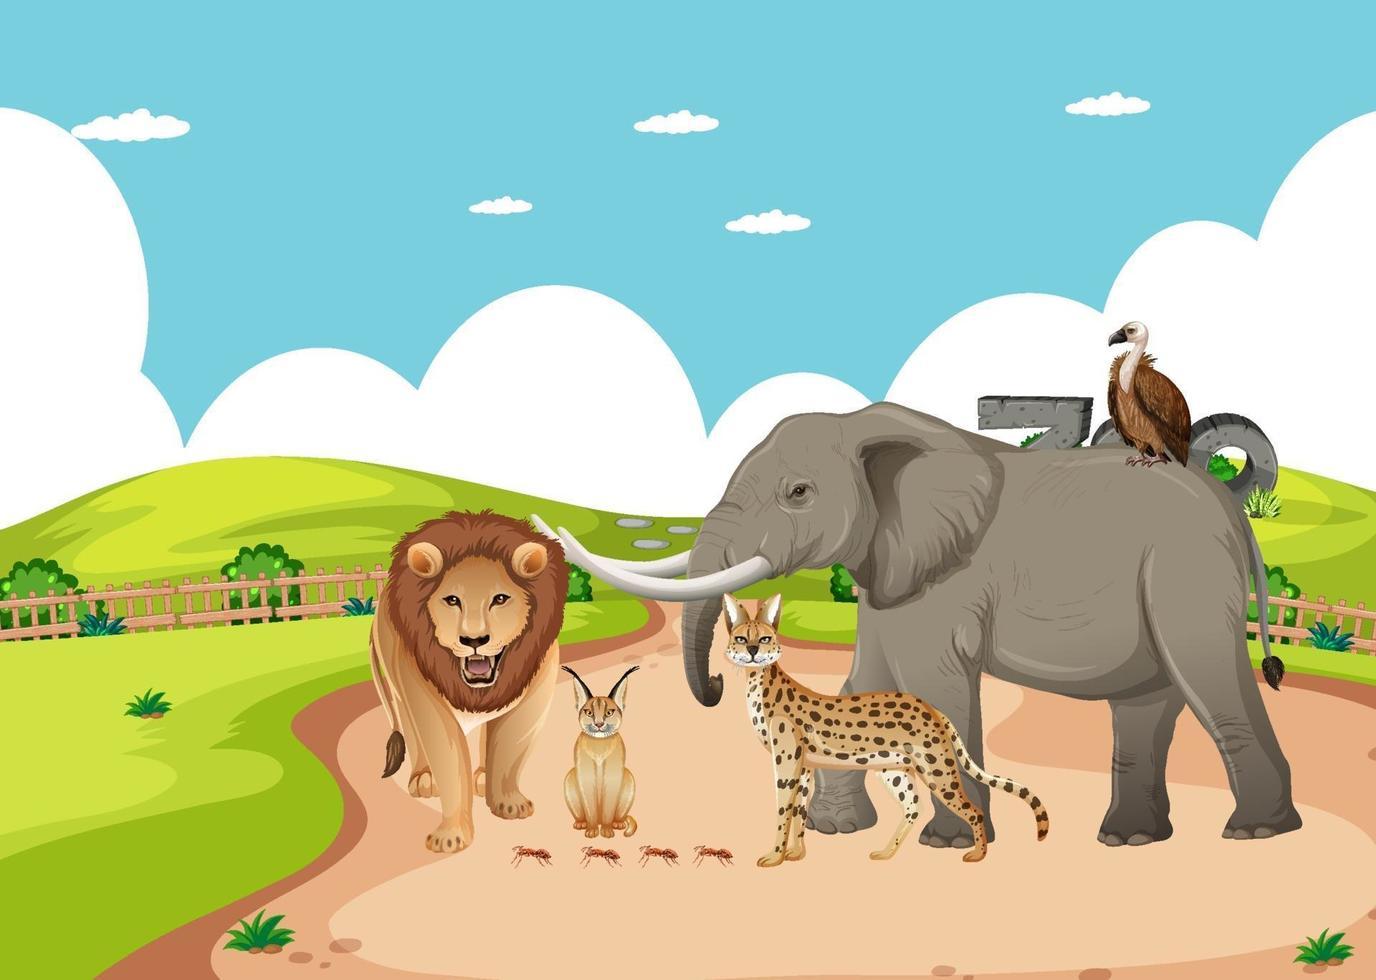 grupp av vilda afrikanska djur i djurparken vektor